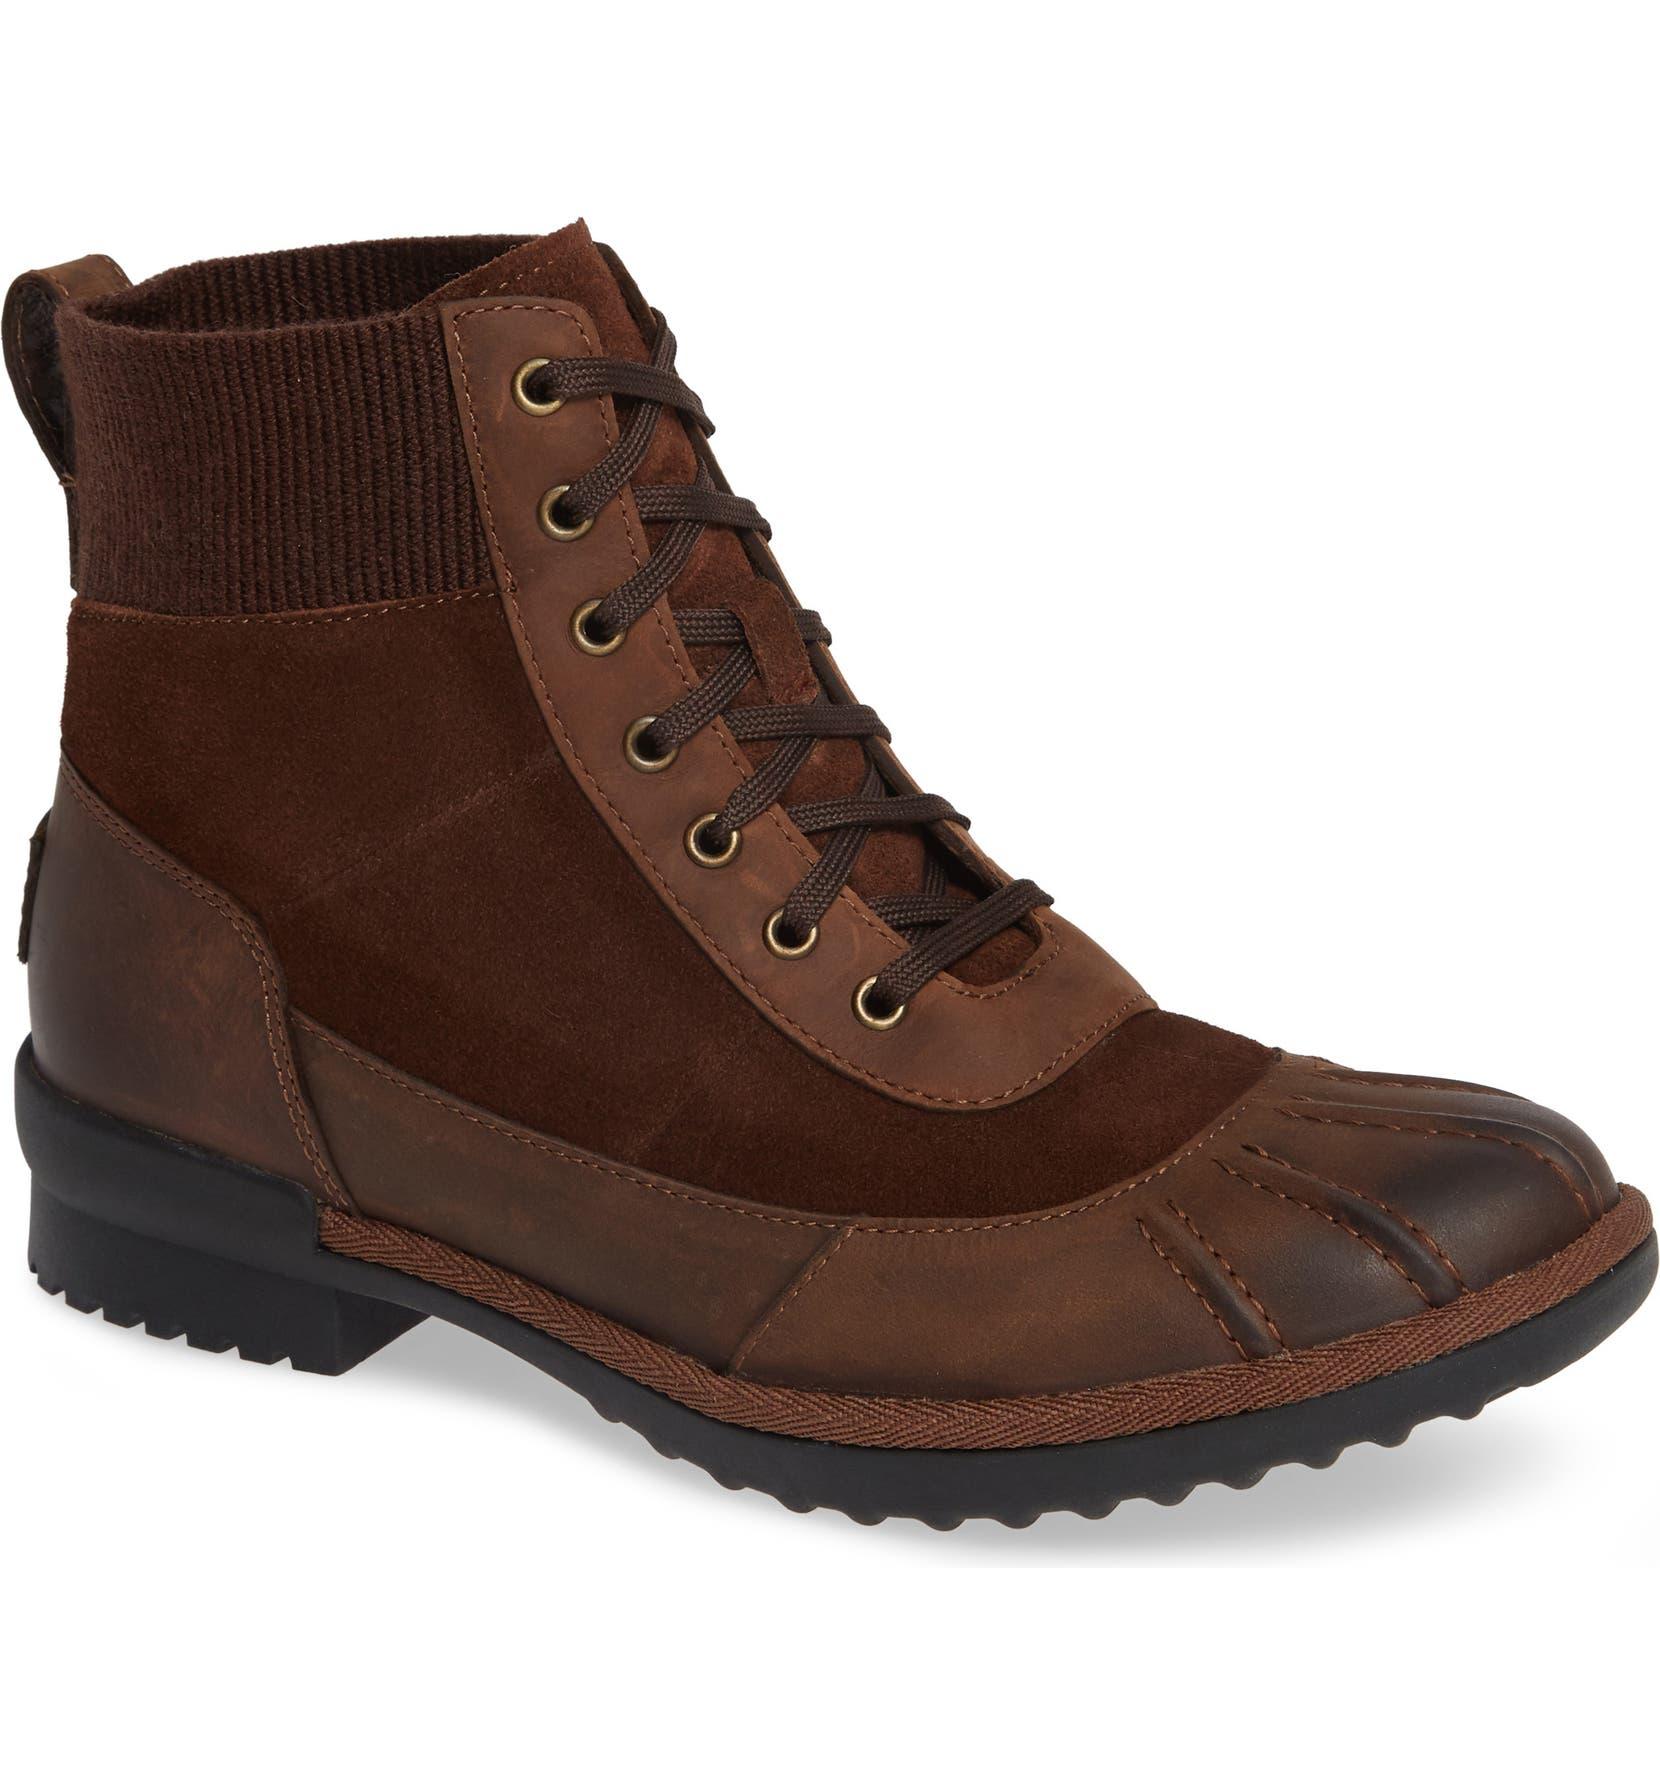 08d66670c32 Cayli Waterproof Duck Boot